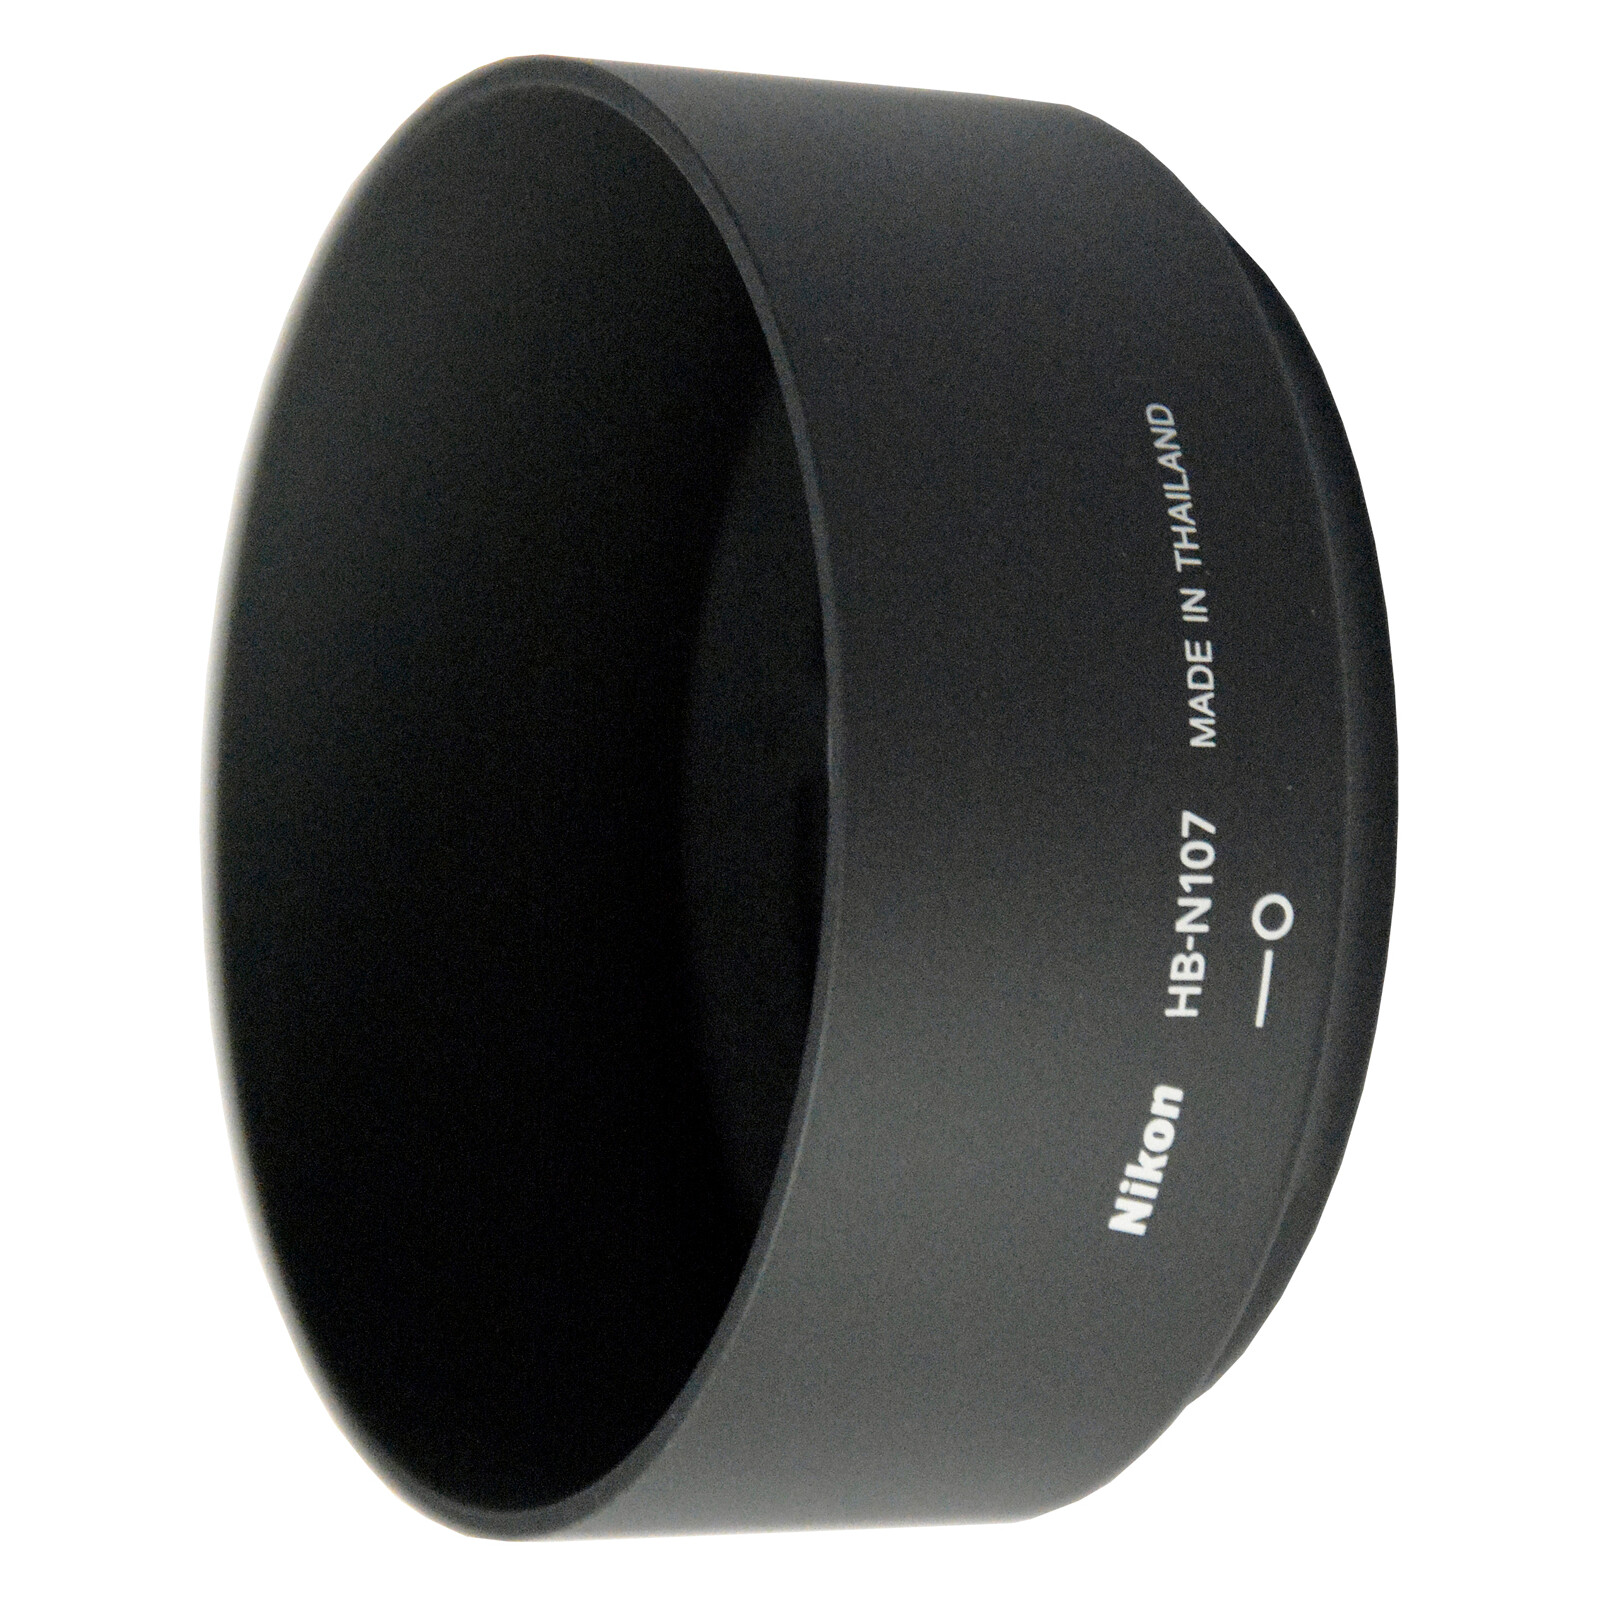 Nikon HB-N107 Gegenlichtblende